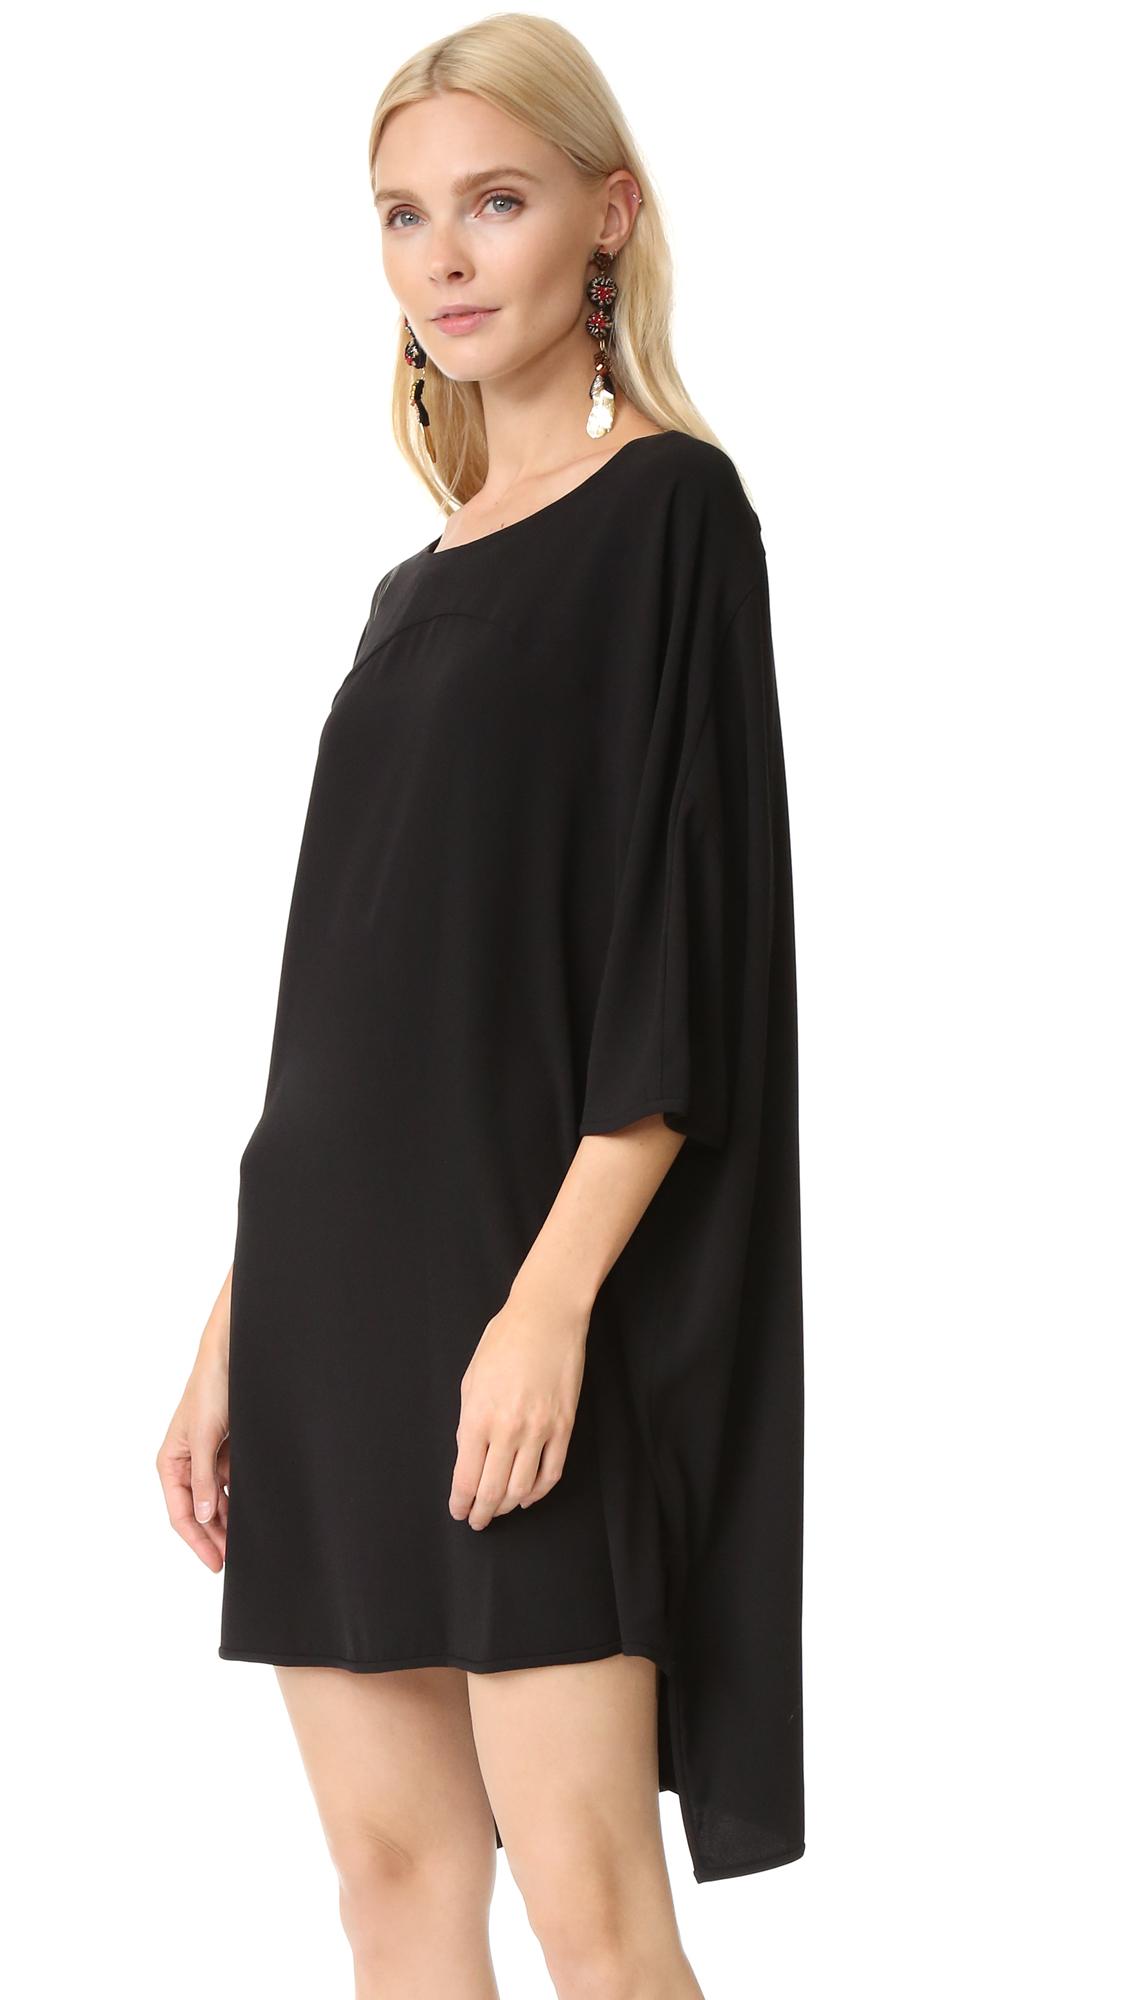 Diane Von Furstenberg Dvf Madera Dress Shopbop